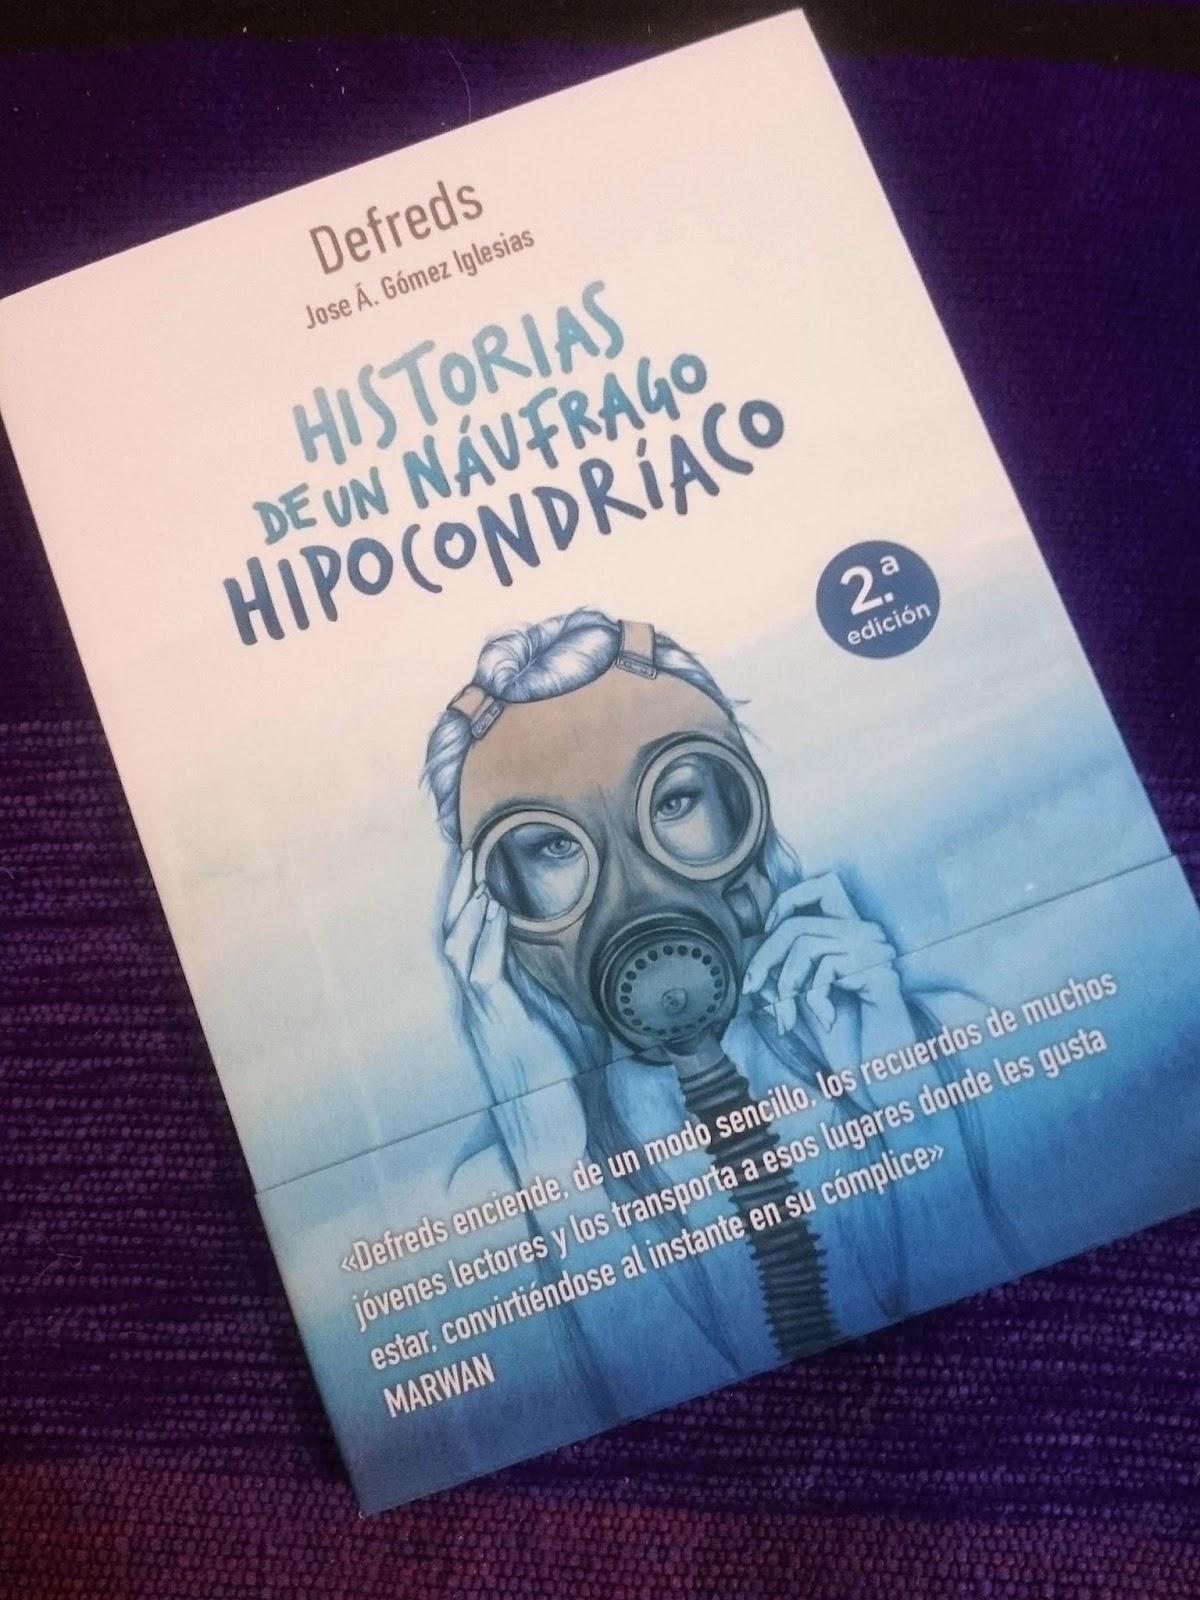 Historias de un naufrago hipocondríaco